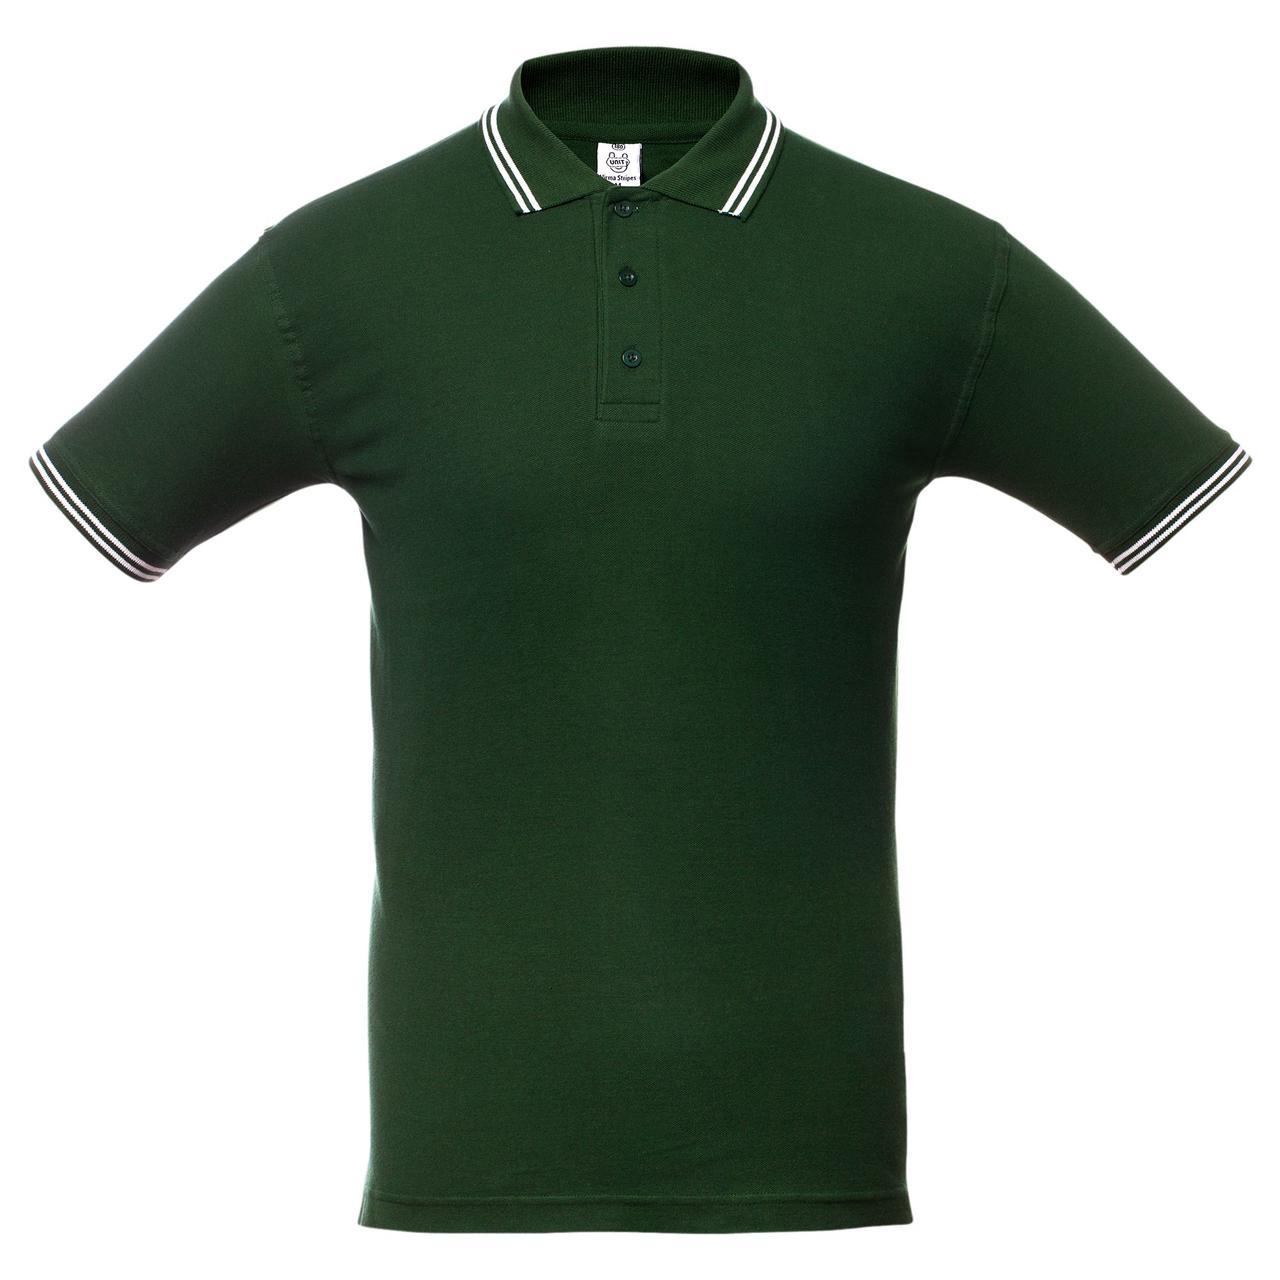 Рубашка поло Virma Stripes, зеленая (артикул 1253.90)